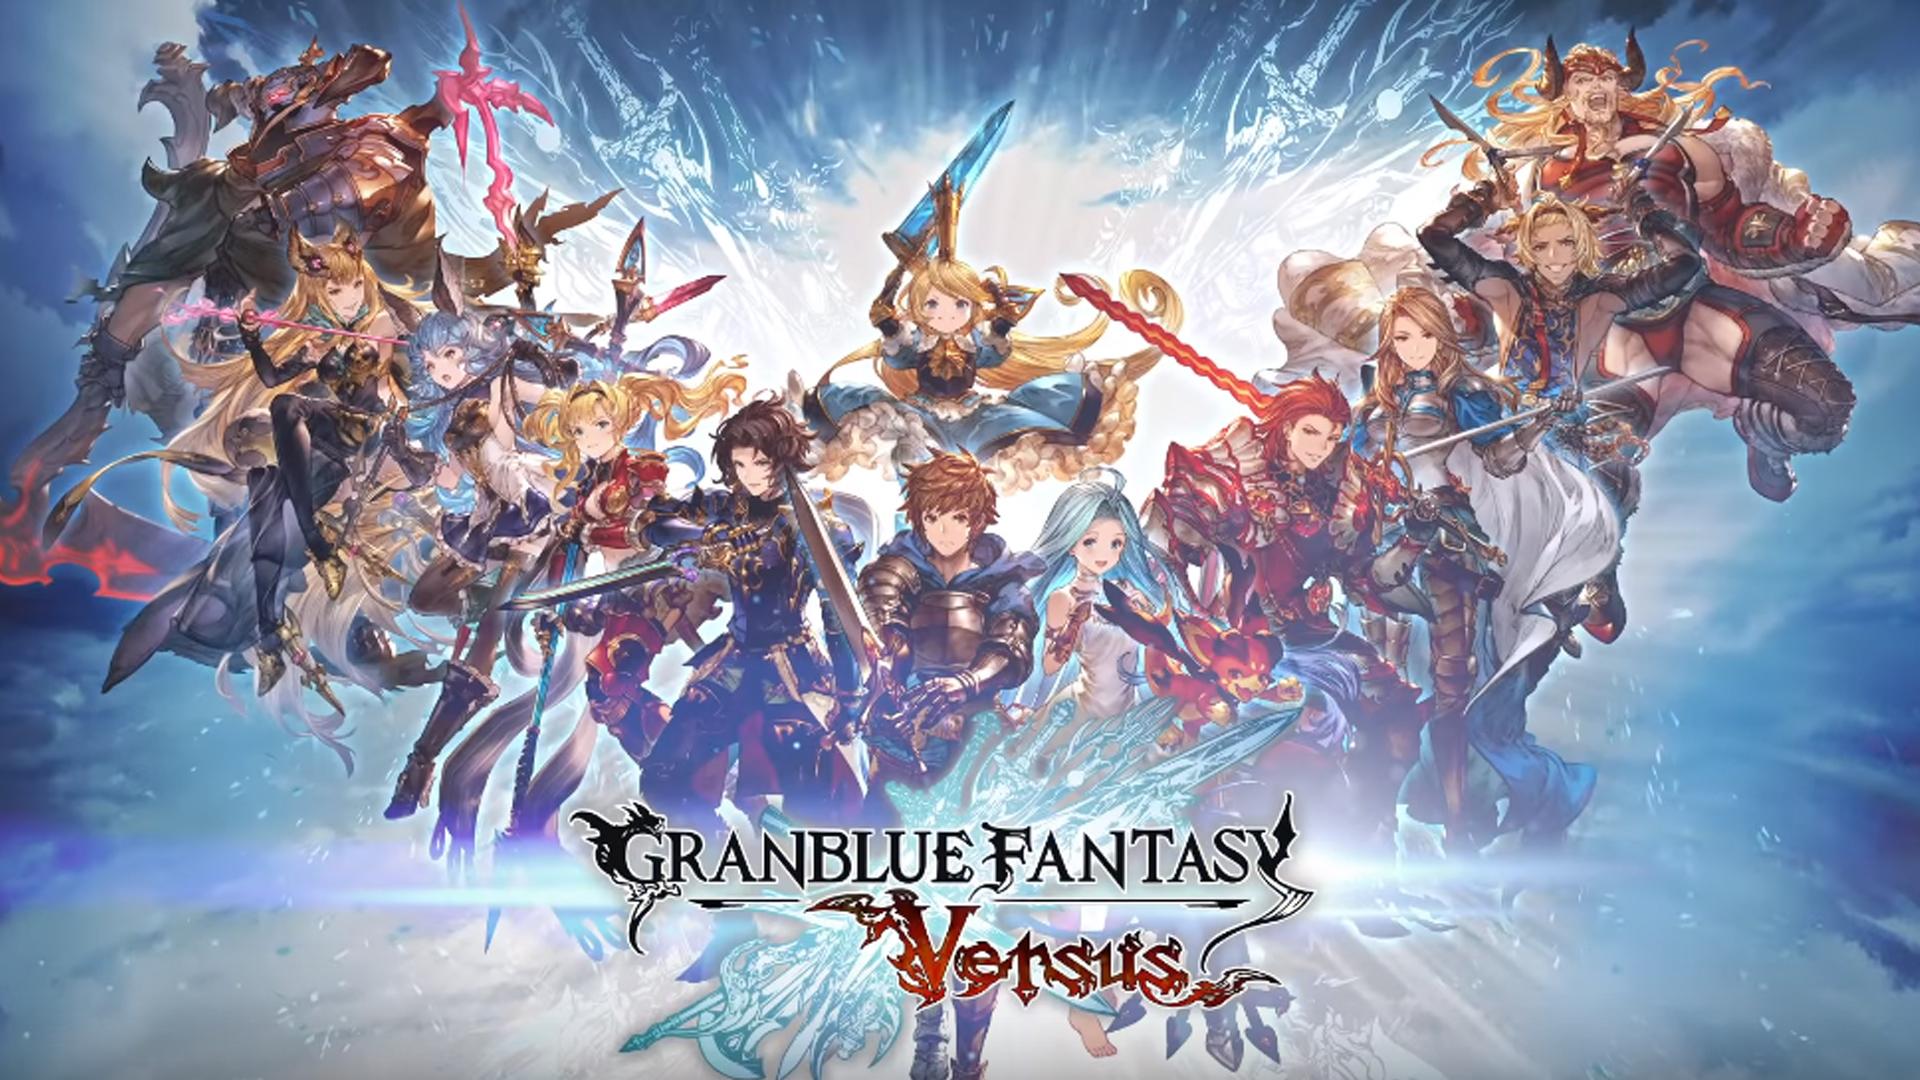 granblue fantasy versus art wallpaper 69710